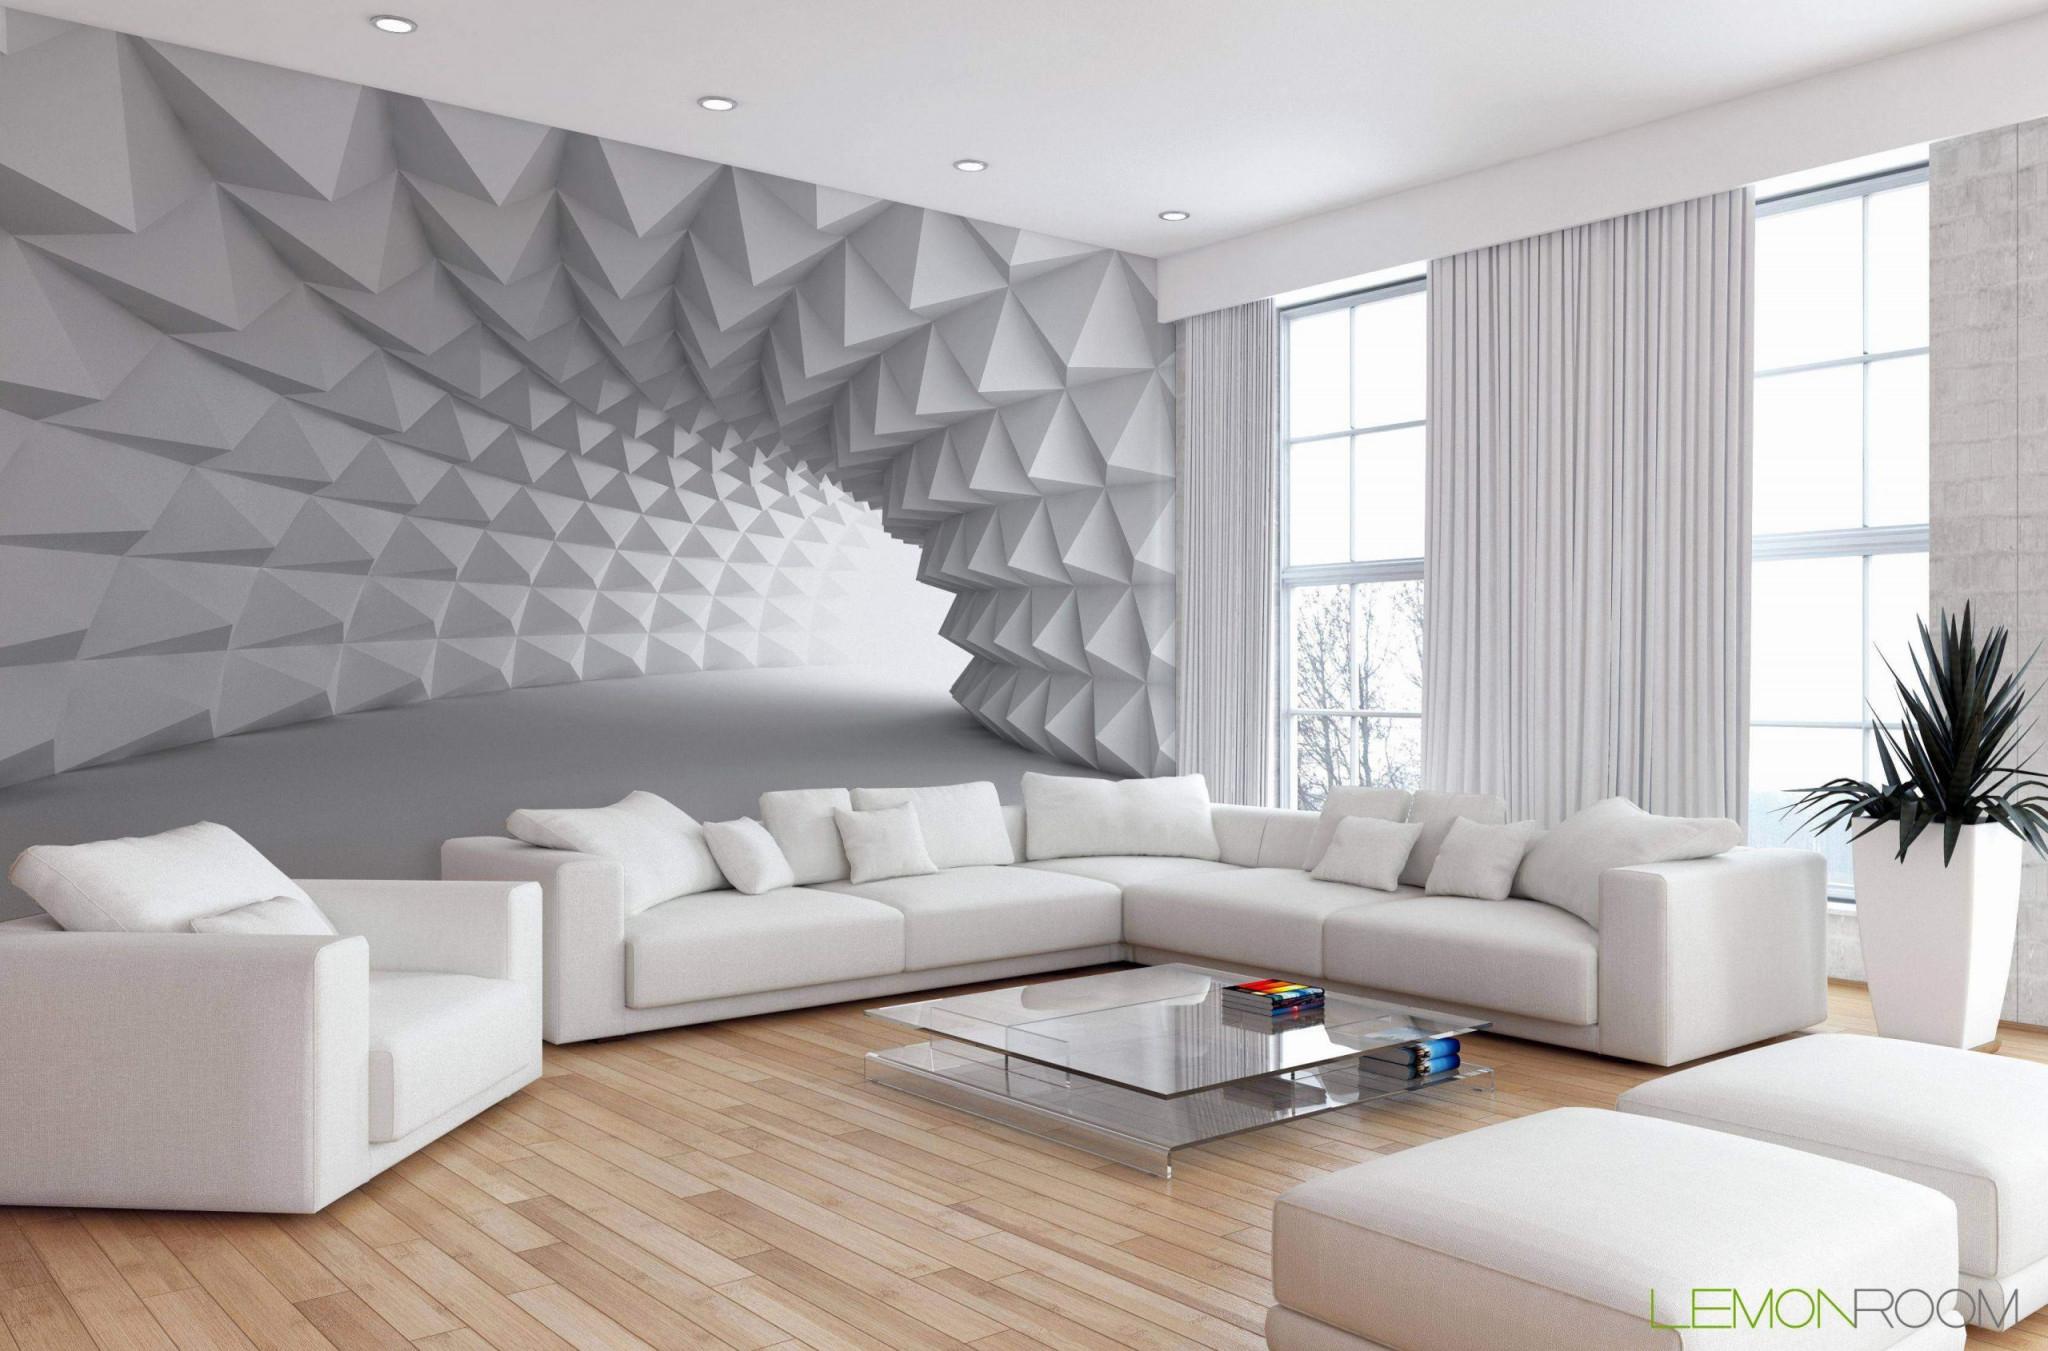 Wohnzimmer Gestaltung Luxus Wohnzimmer Design Tapeten Neu von Wohnzimmer Tapeten Gestaltung Bild